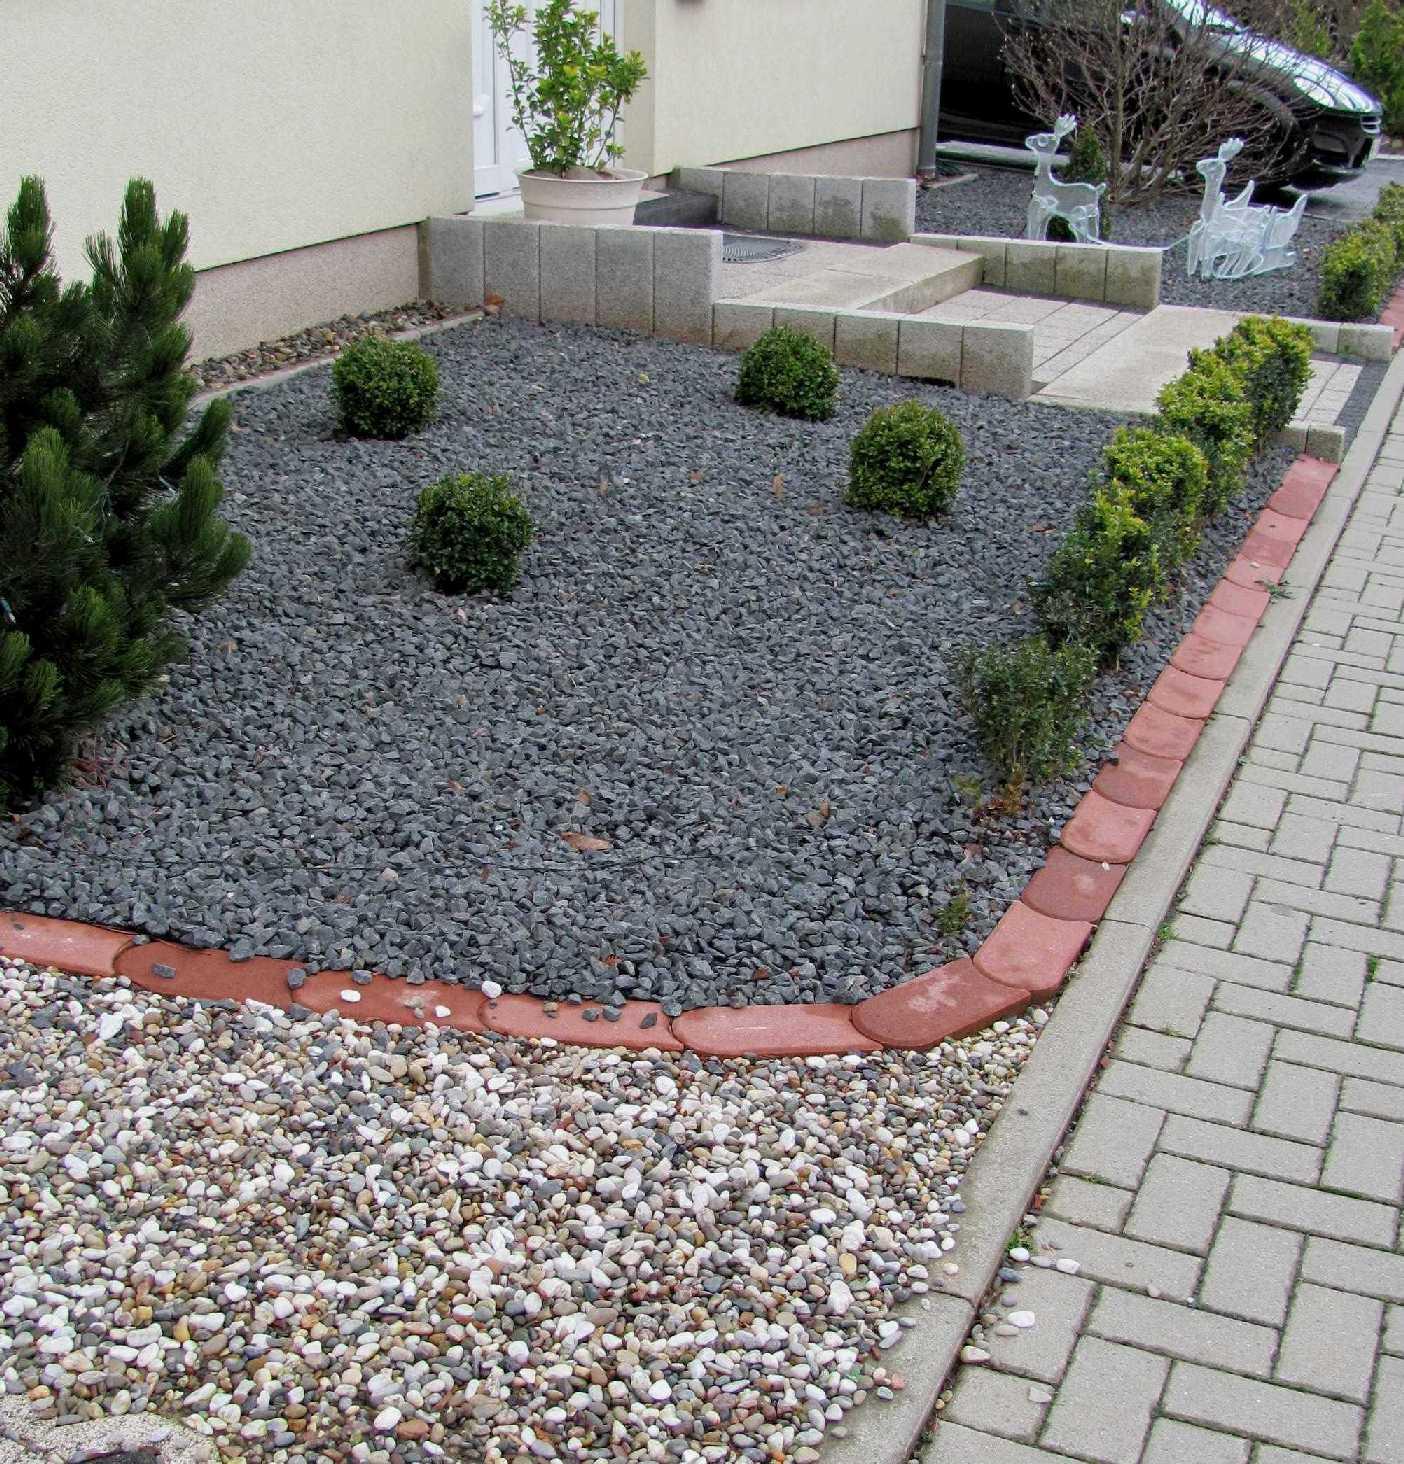 Schön Vorgarten Mit Steinen Gestalten Ideen